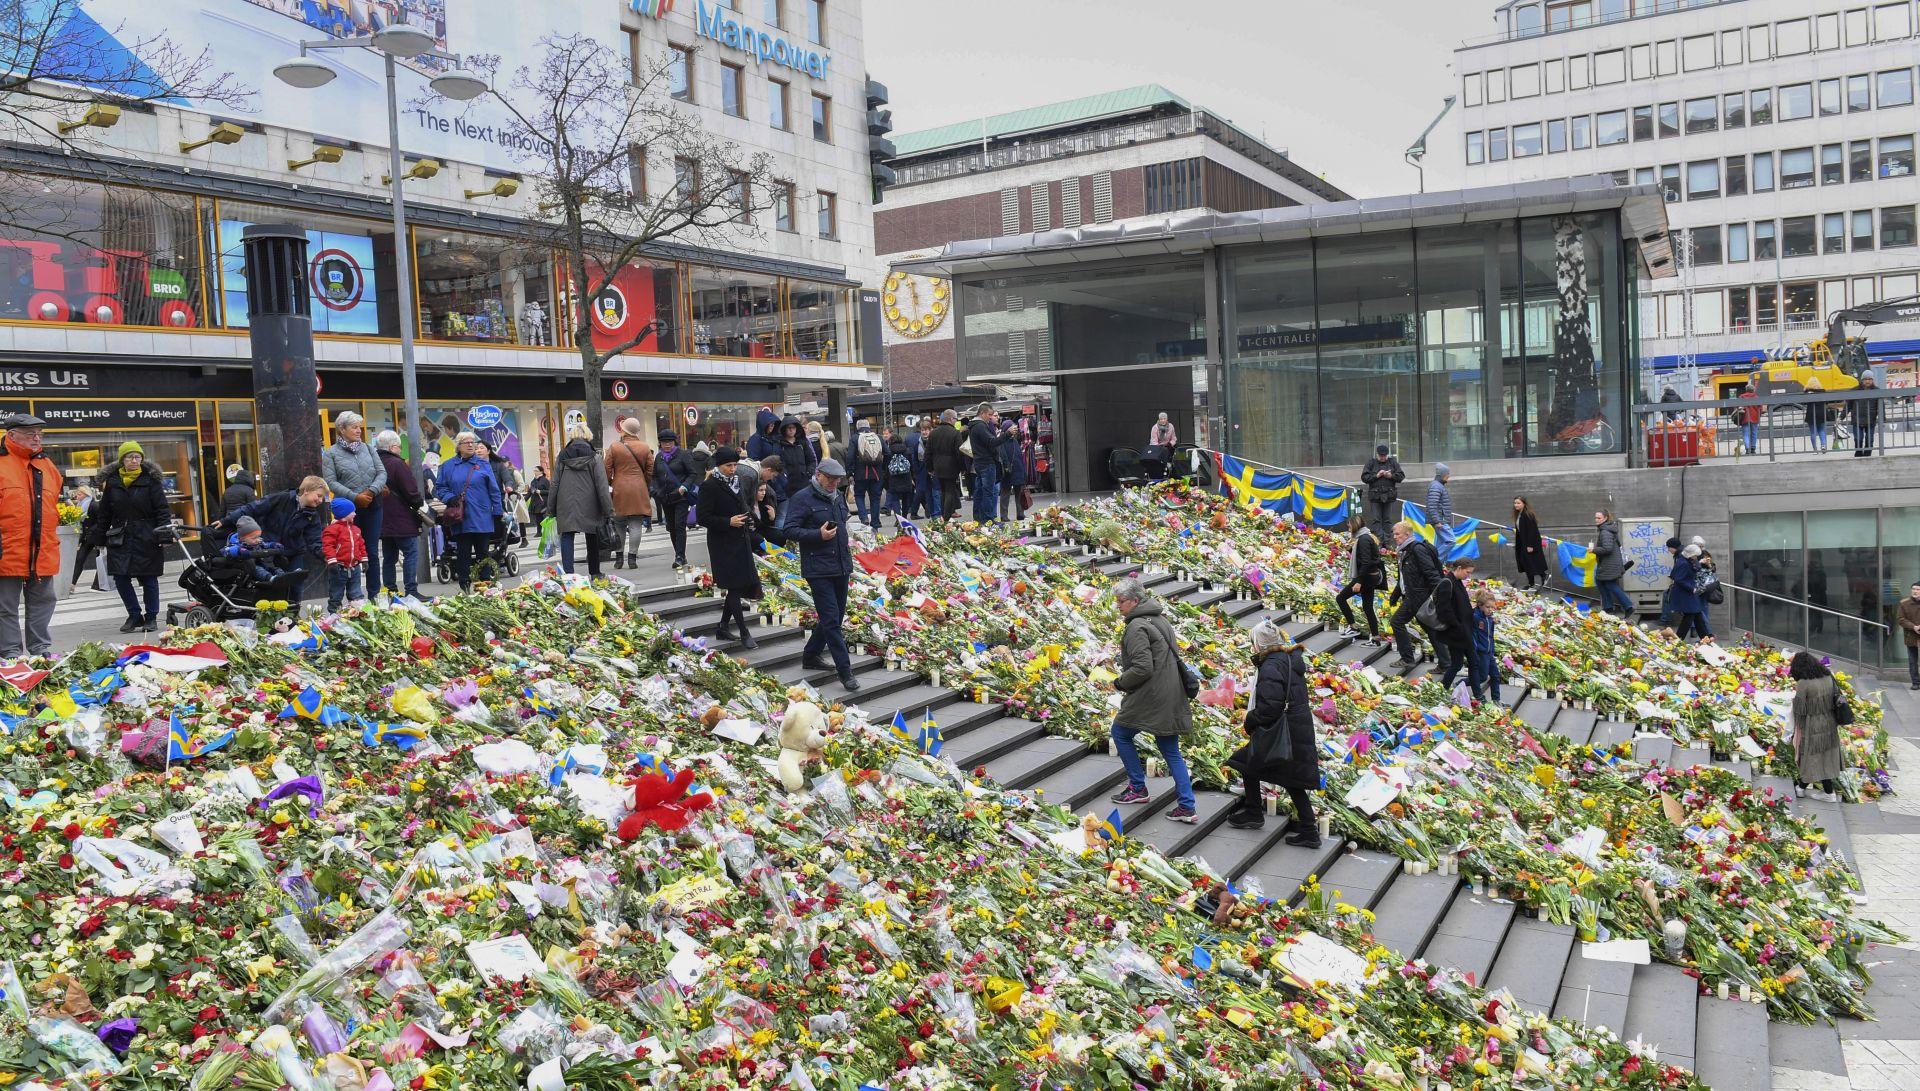 Švedska uhitila drugog sumnjivca zbog napada kamionom u Stockholmu